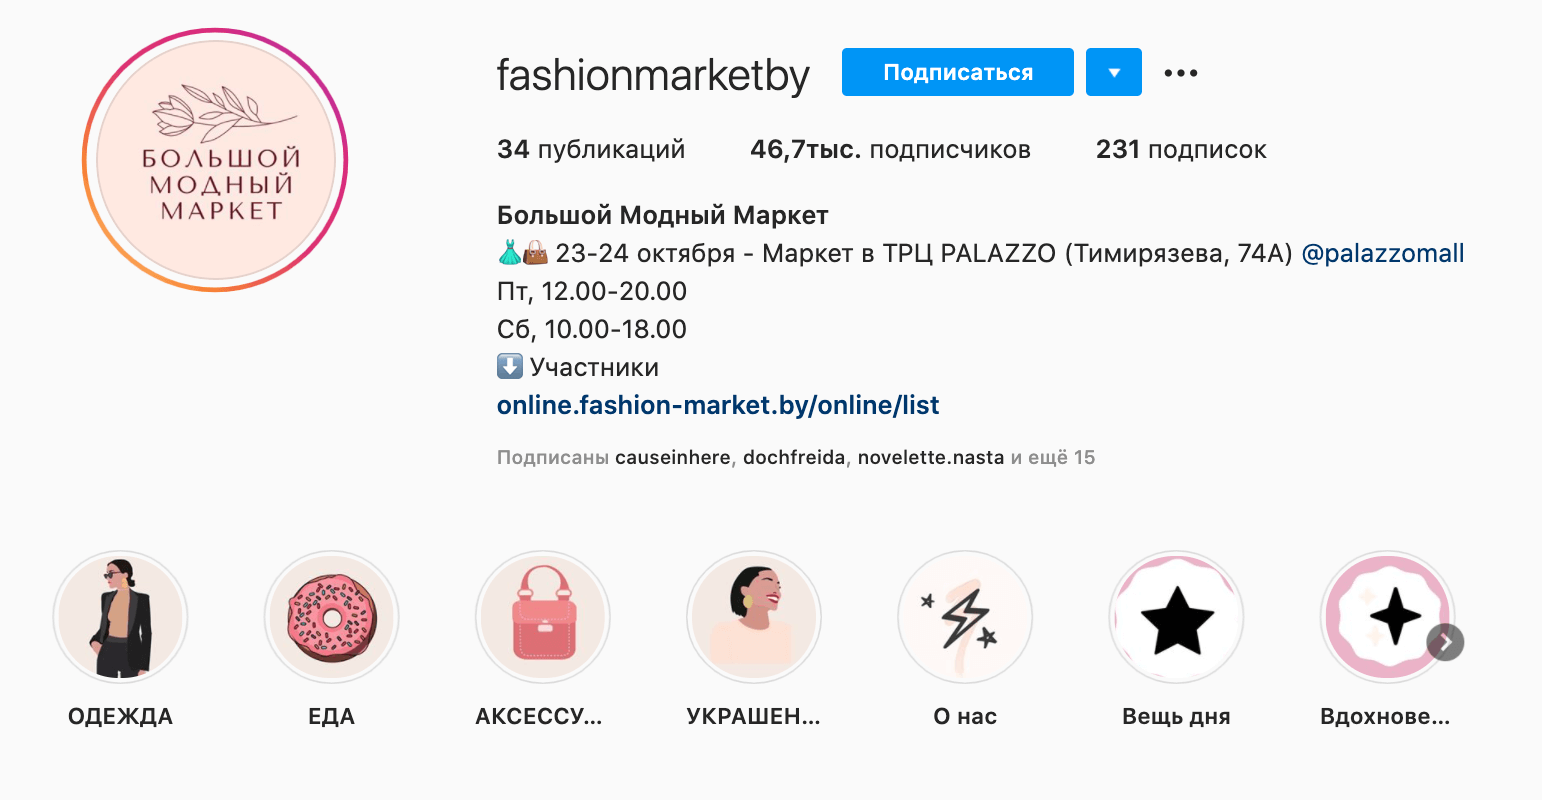 Вариант как оформить актуальные сторис на примере @fashionmarketby